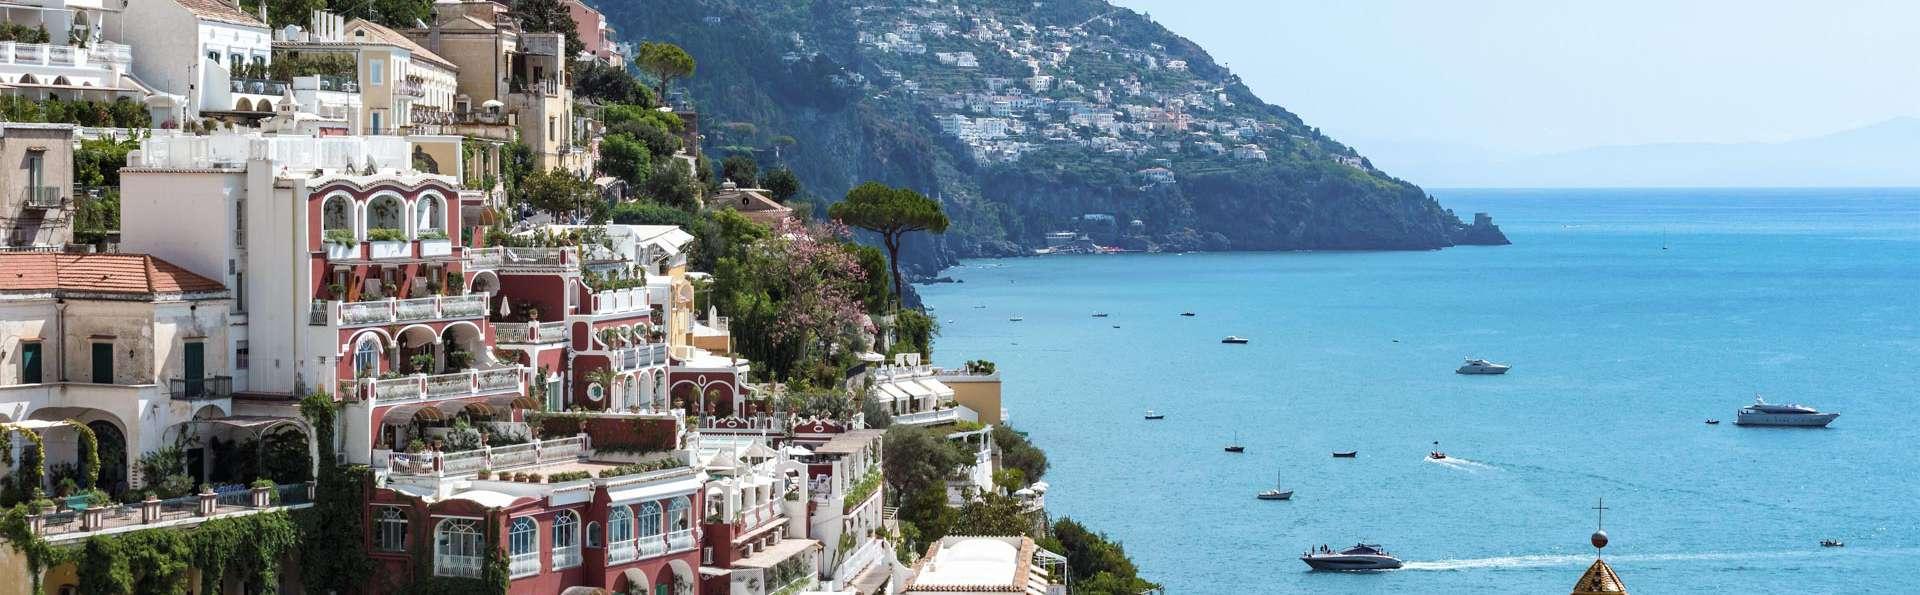 Vacaciones en Campania: entre Salerno y Pompeya en habitación deluxe de un complejo turístico 4*